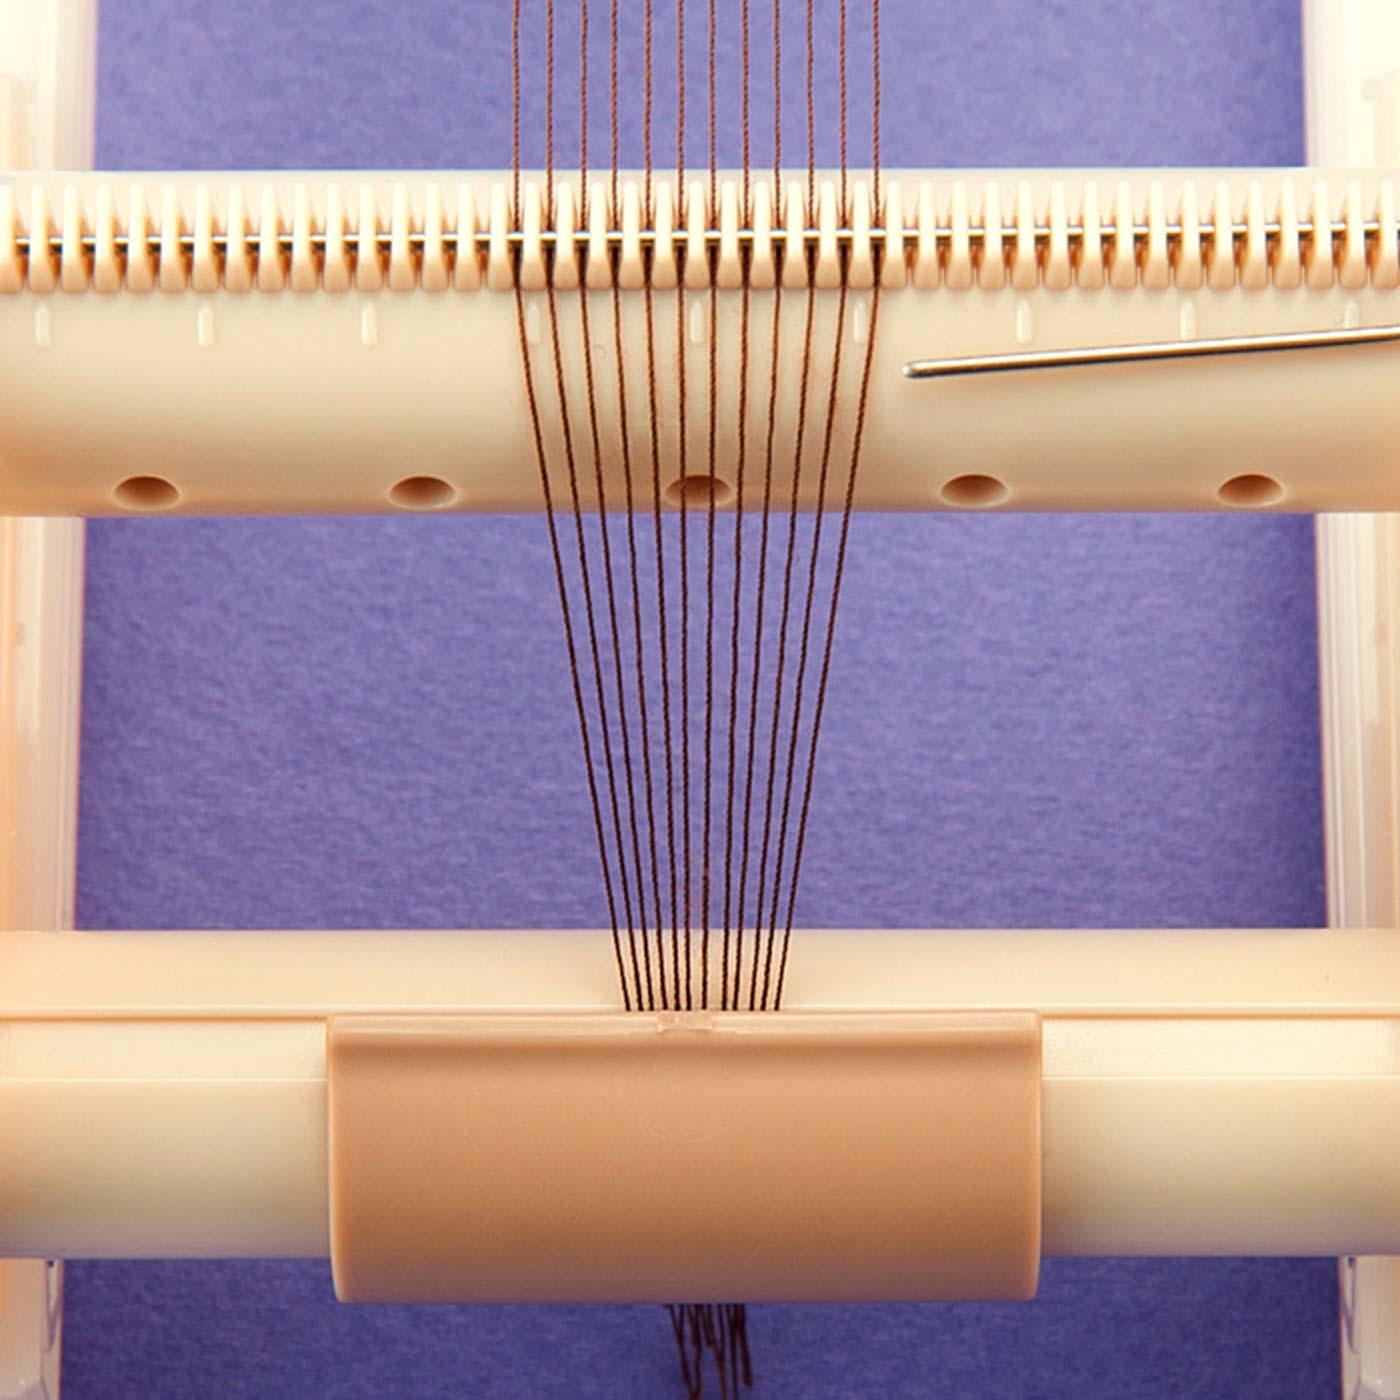 縦糸にかけるくし部は2種類。デリカビーズ(11/0)と丸小ビーズの両方に対応できます。